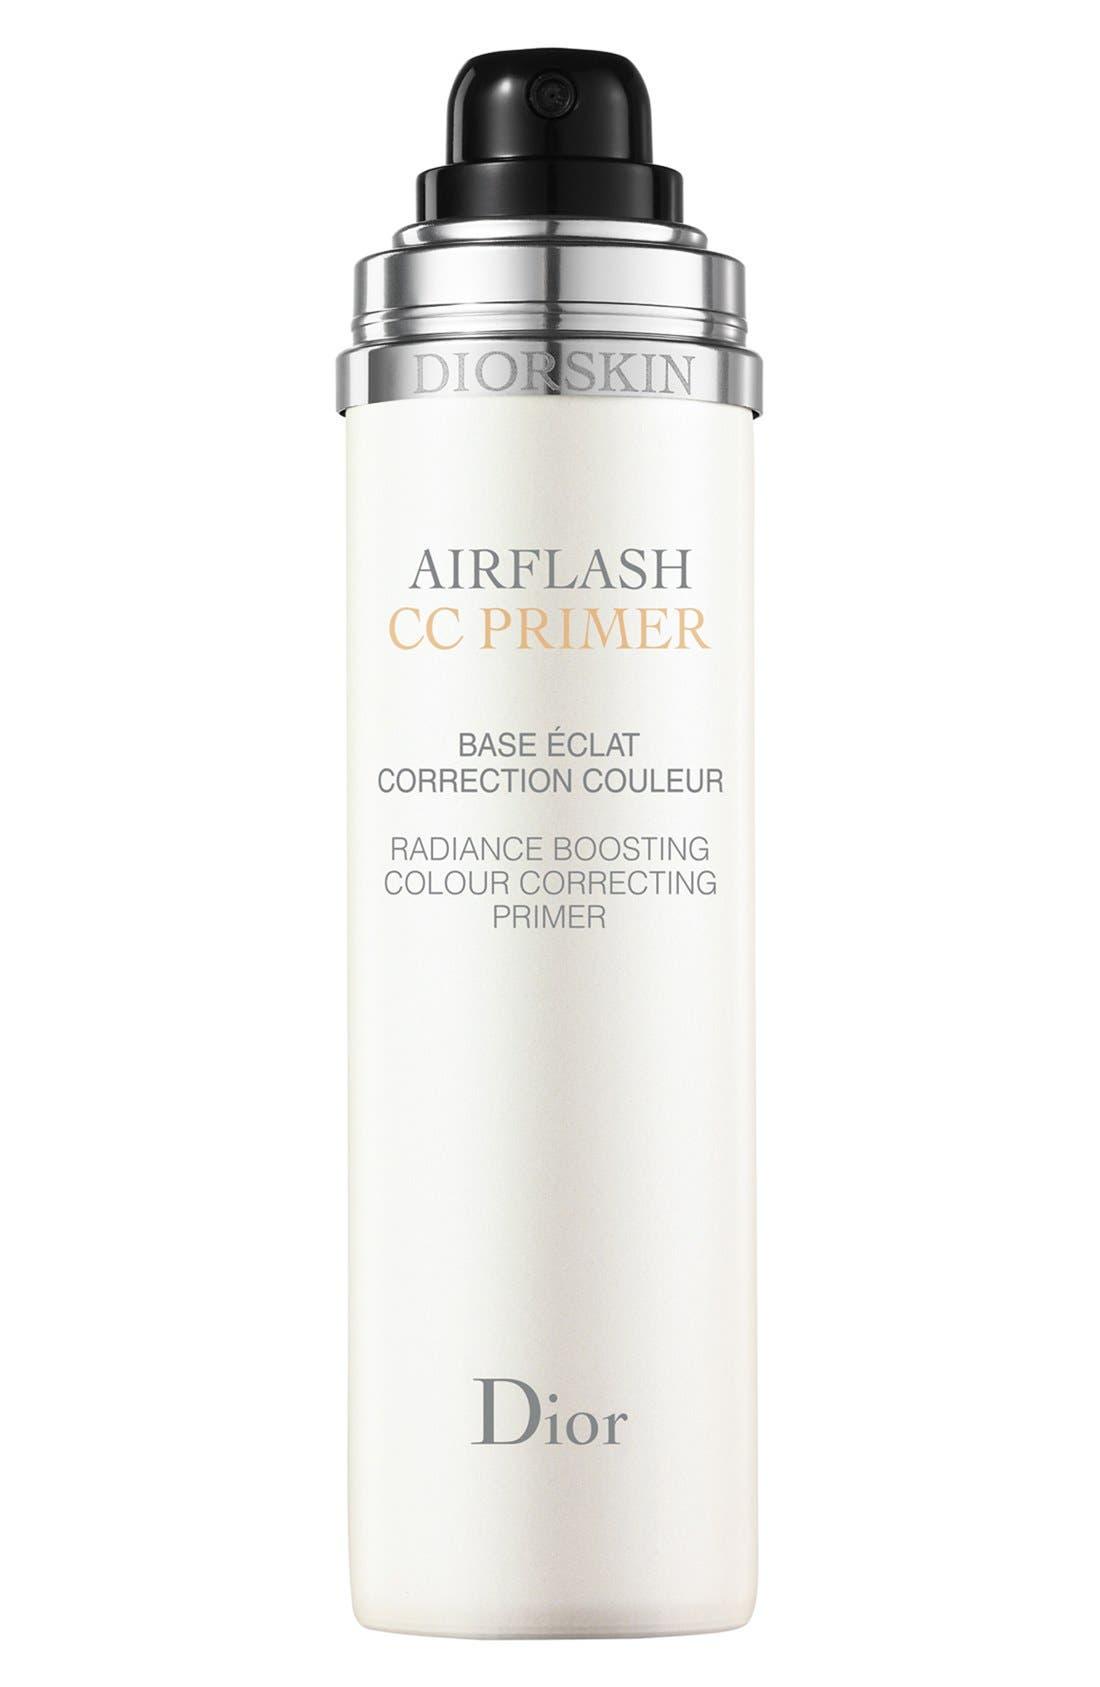 Dior 'Airflash - CC Primer' Radiance Boosting Color Correcting Primer